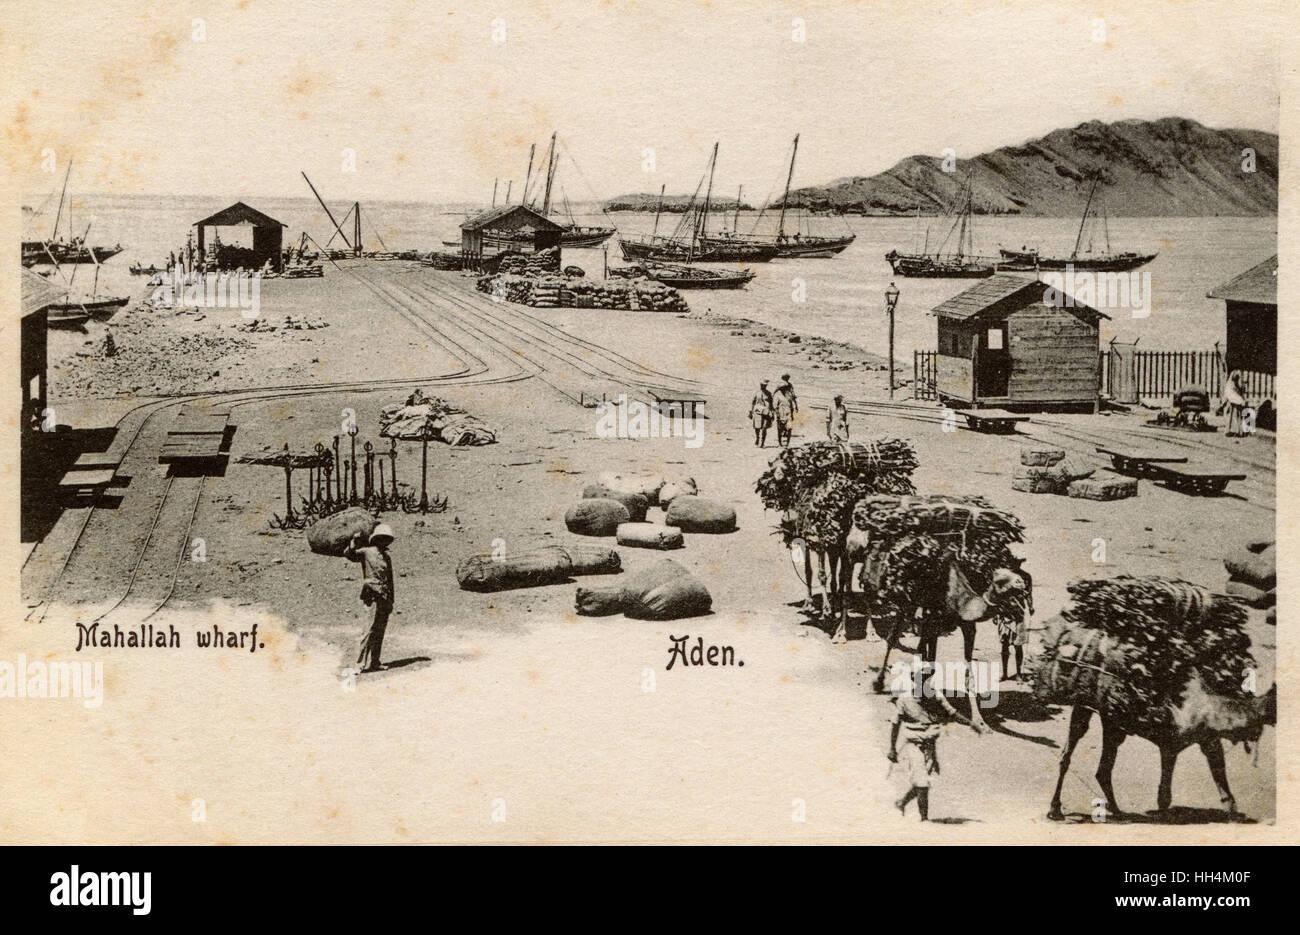 Mahallah Wharf - Aden, Yemen - Stock Image